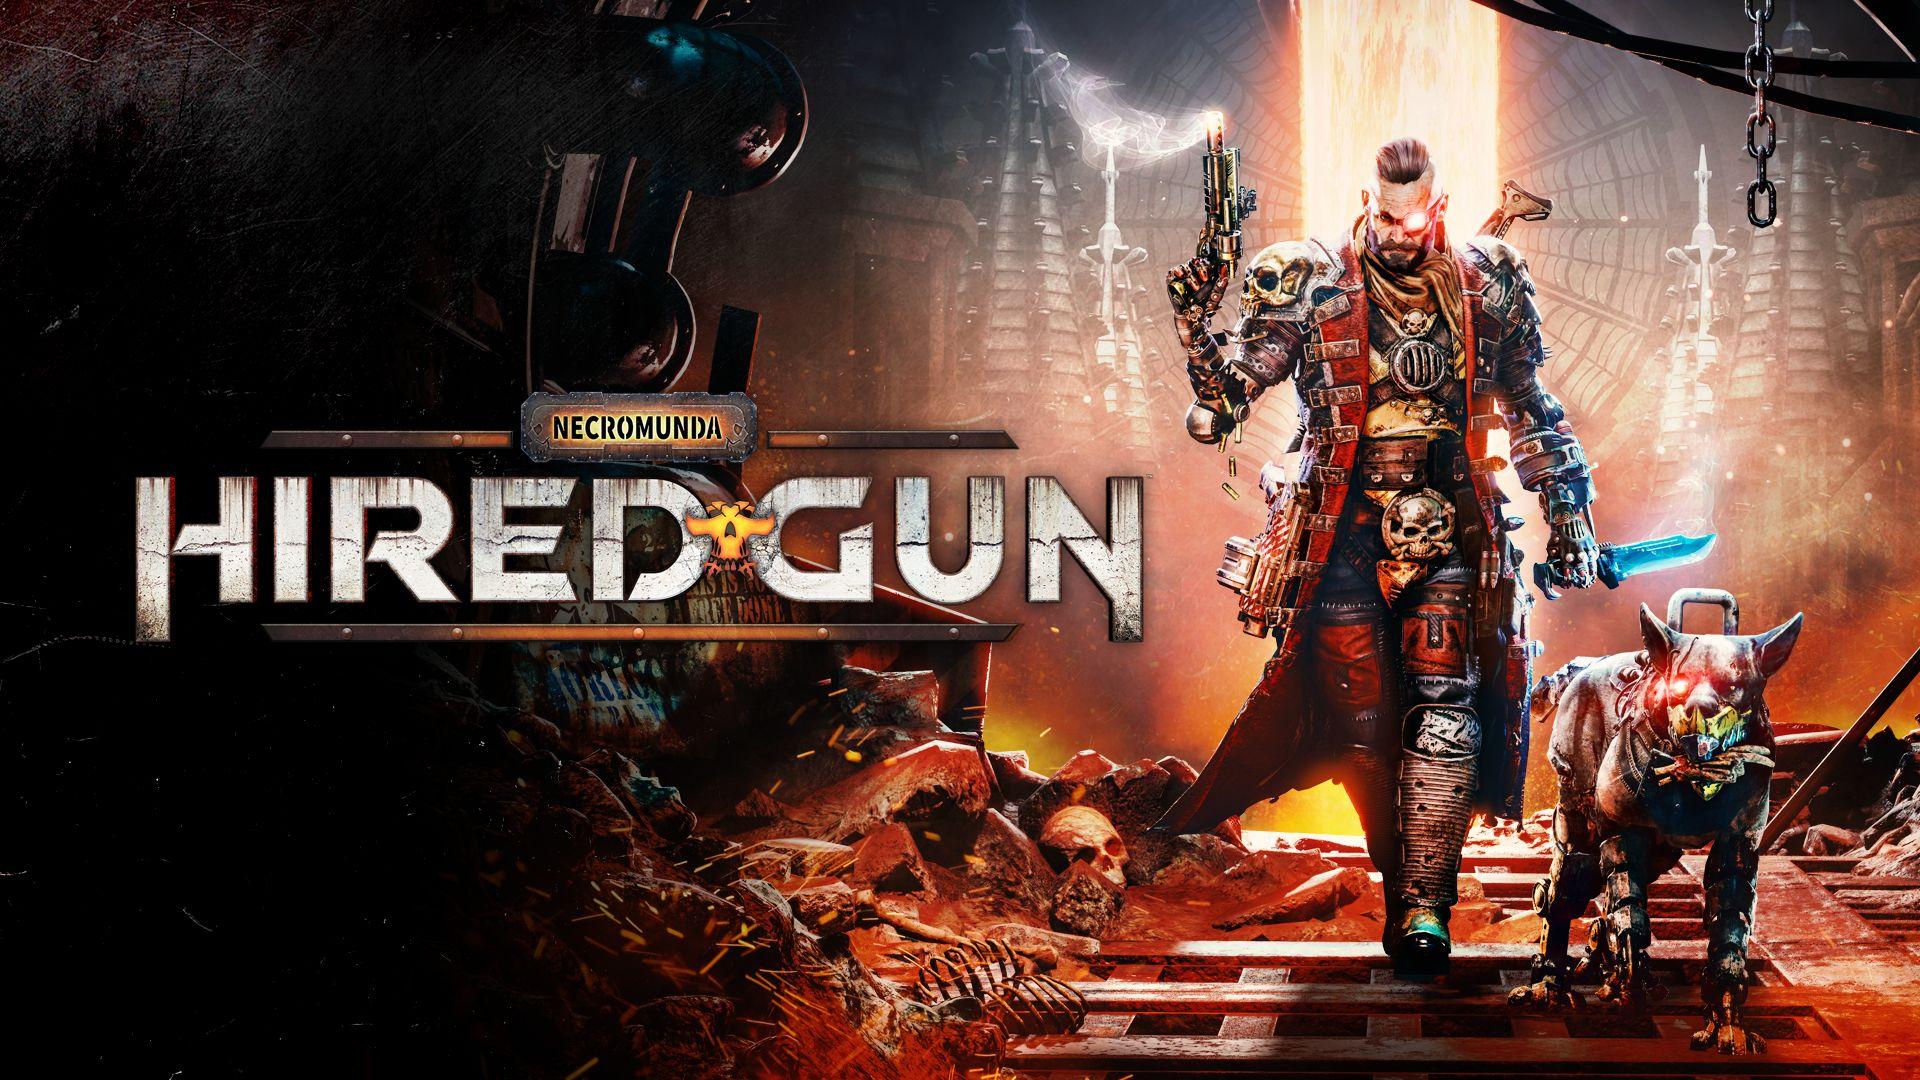 /necromunda-hired-gun-review-pc-0j1r37au feature image